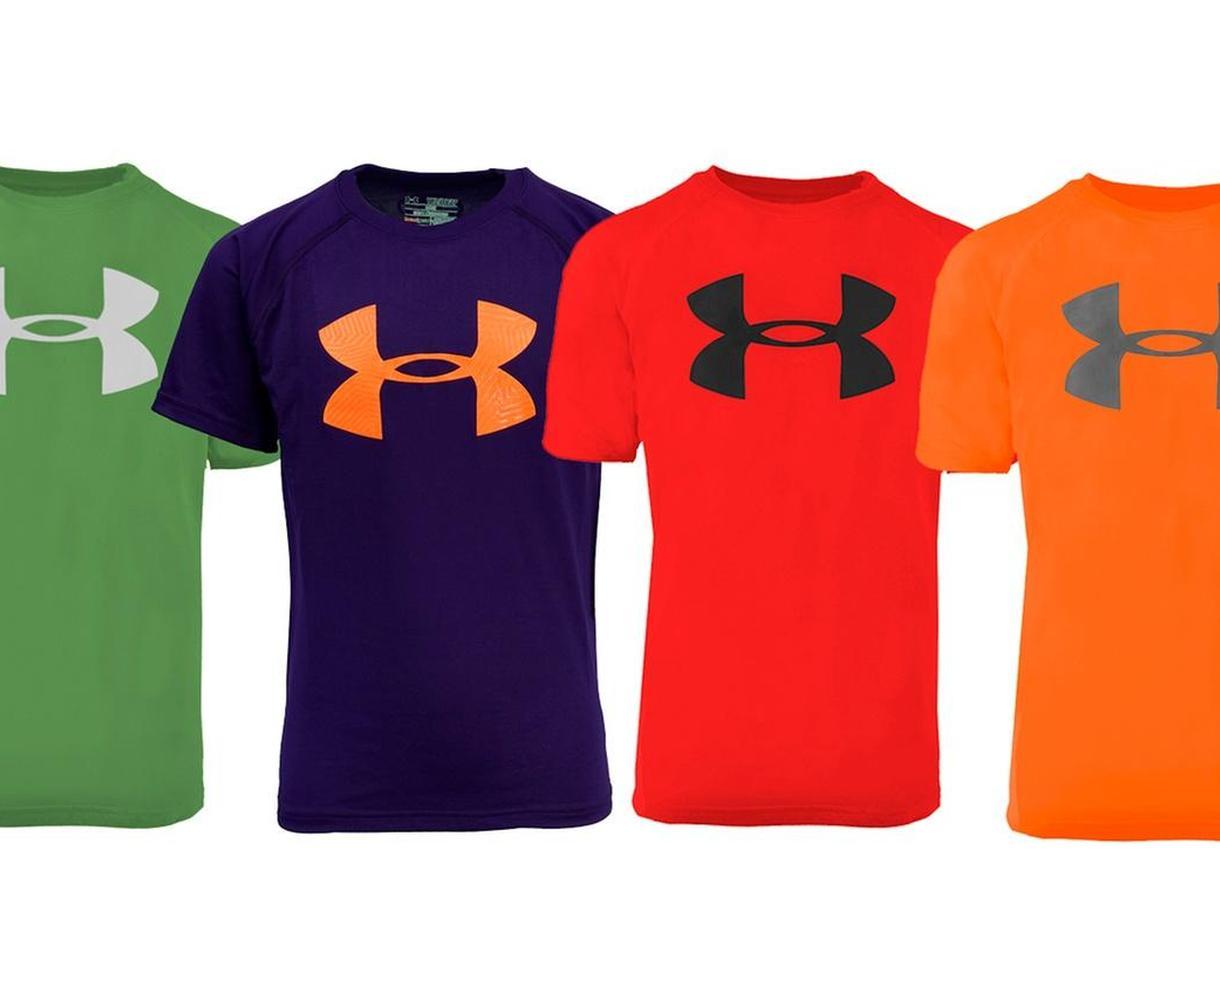 Under Armour Boys' UA Logo T-Shirt